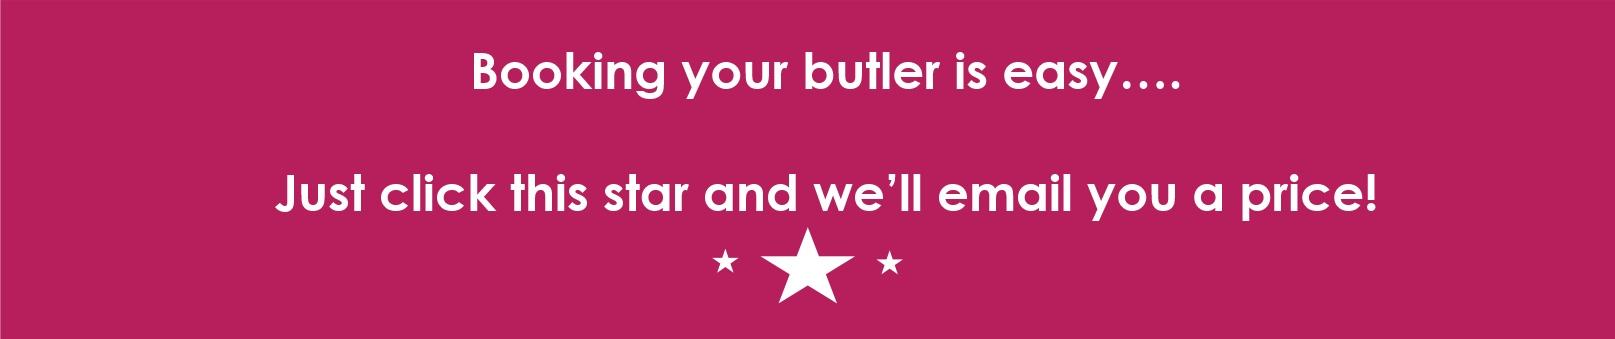 butler booking